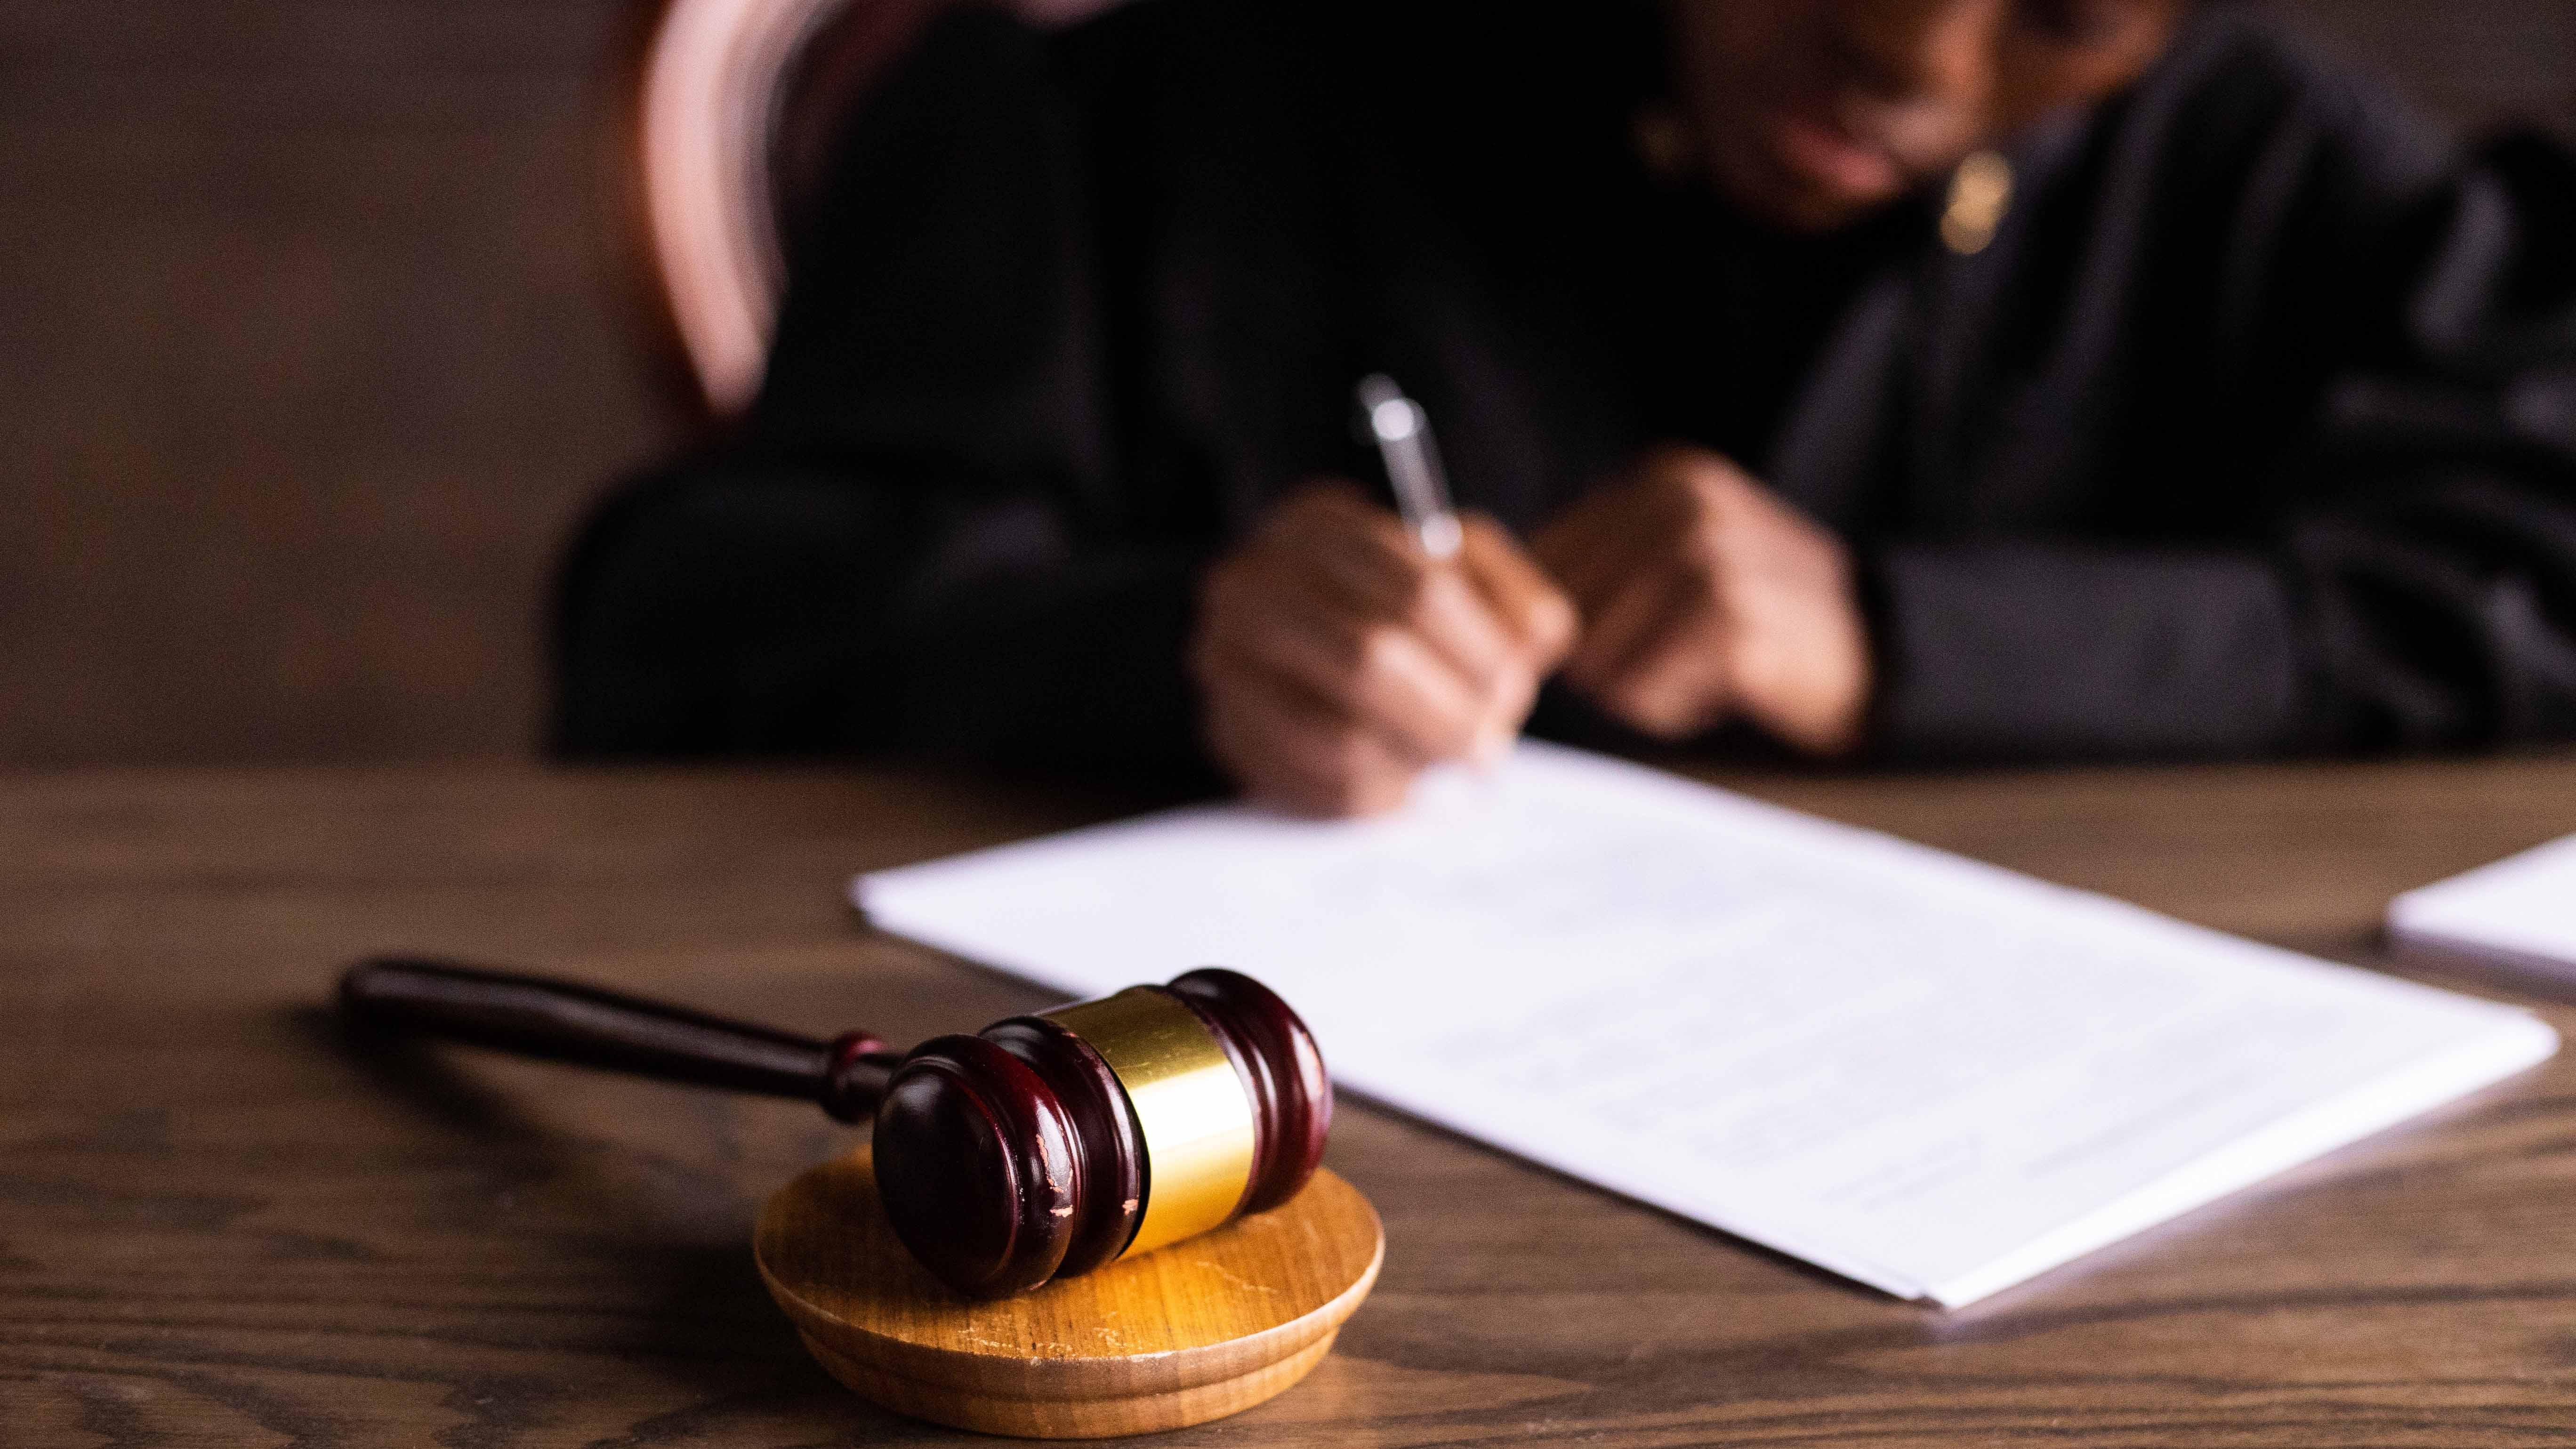 Un marteau du président est placée devant une personne juge